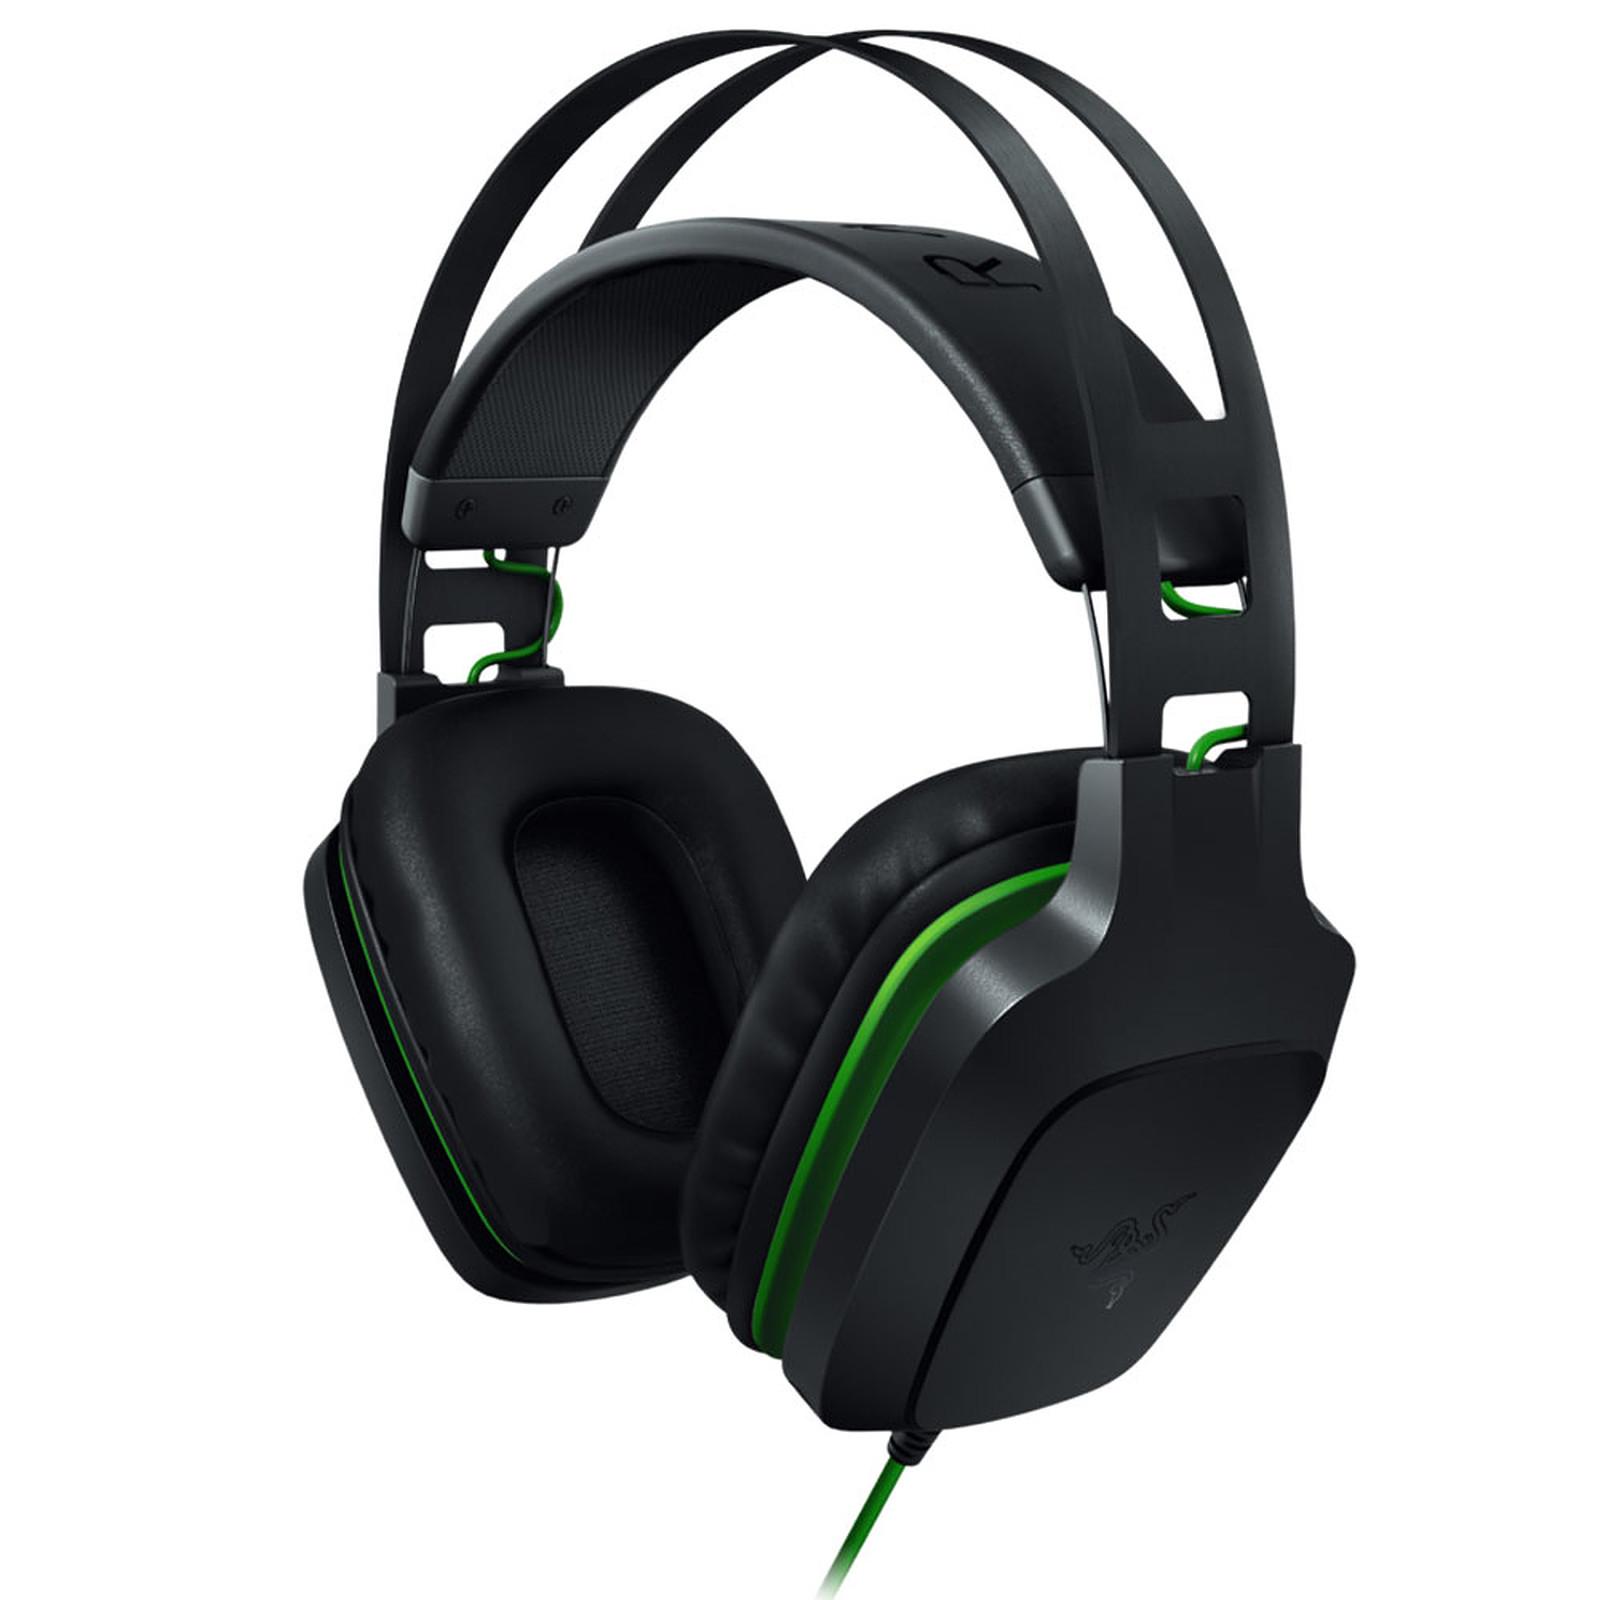 Auriculares Gaming con micrófono Razer Electra V2